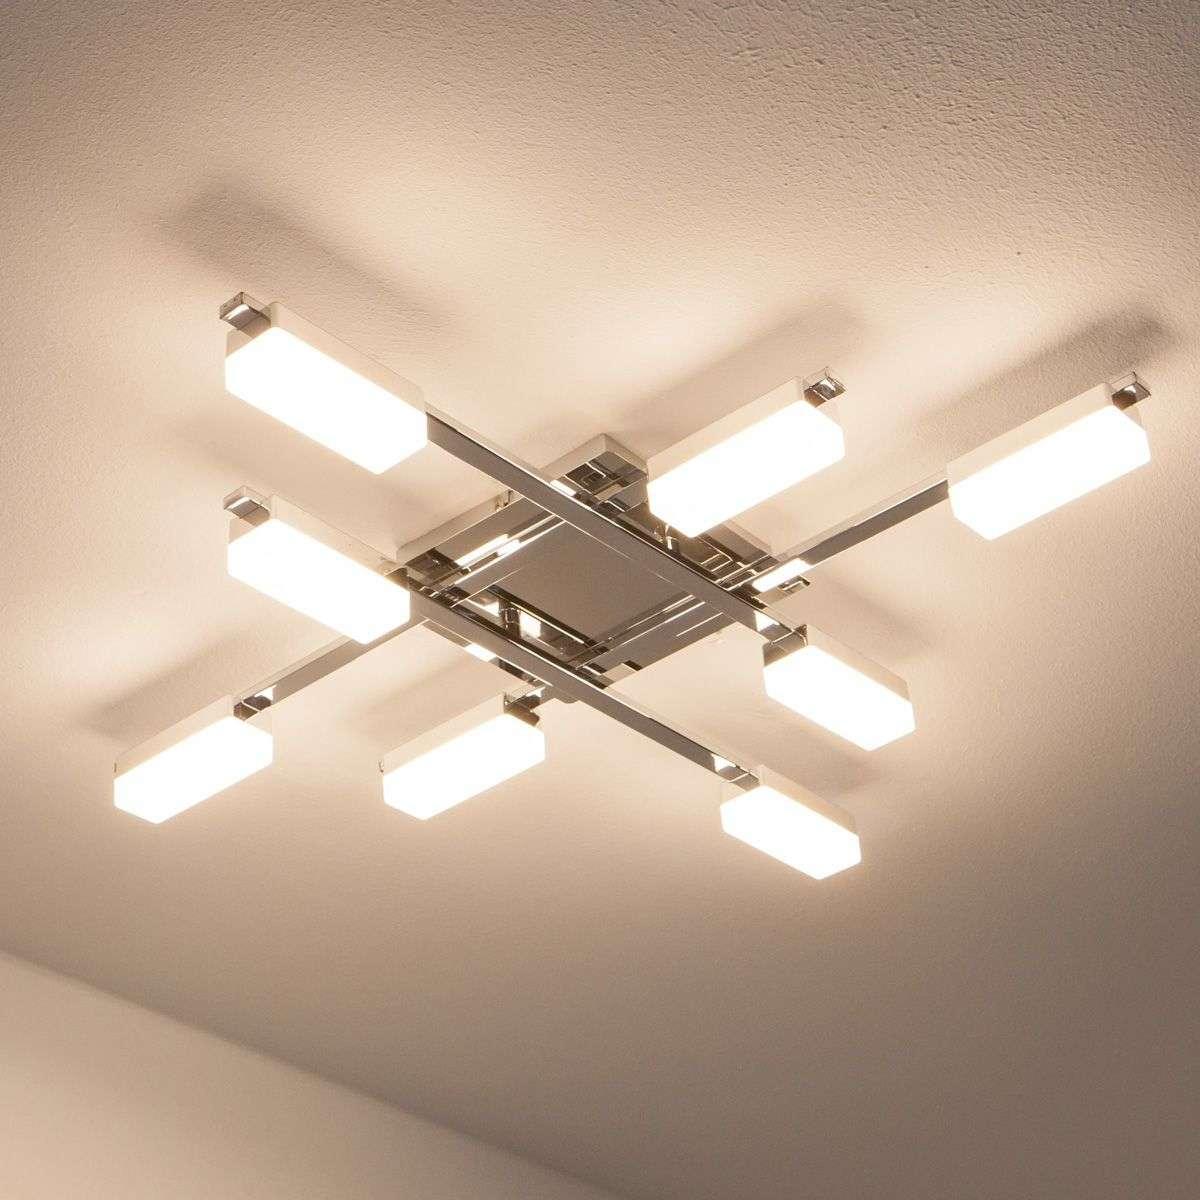 Lukretia 8-bulb LED ceiling light-9981017-31